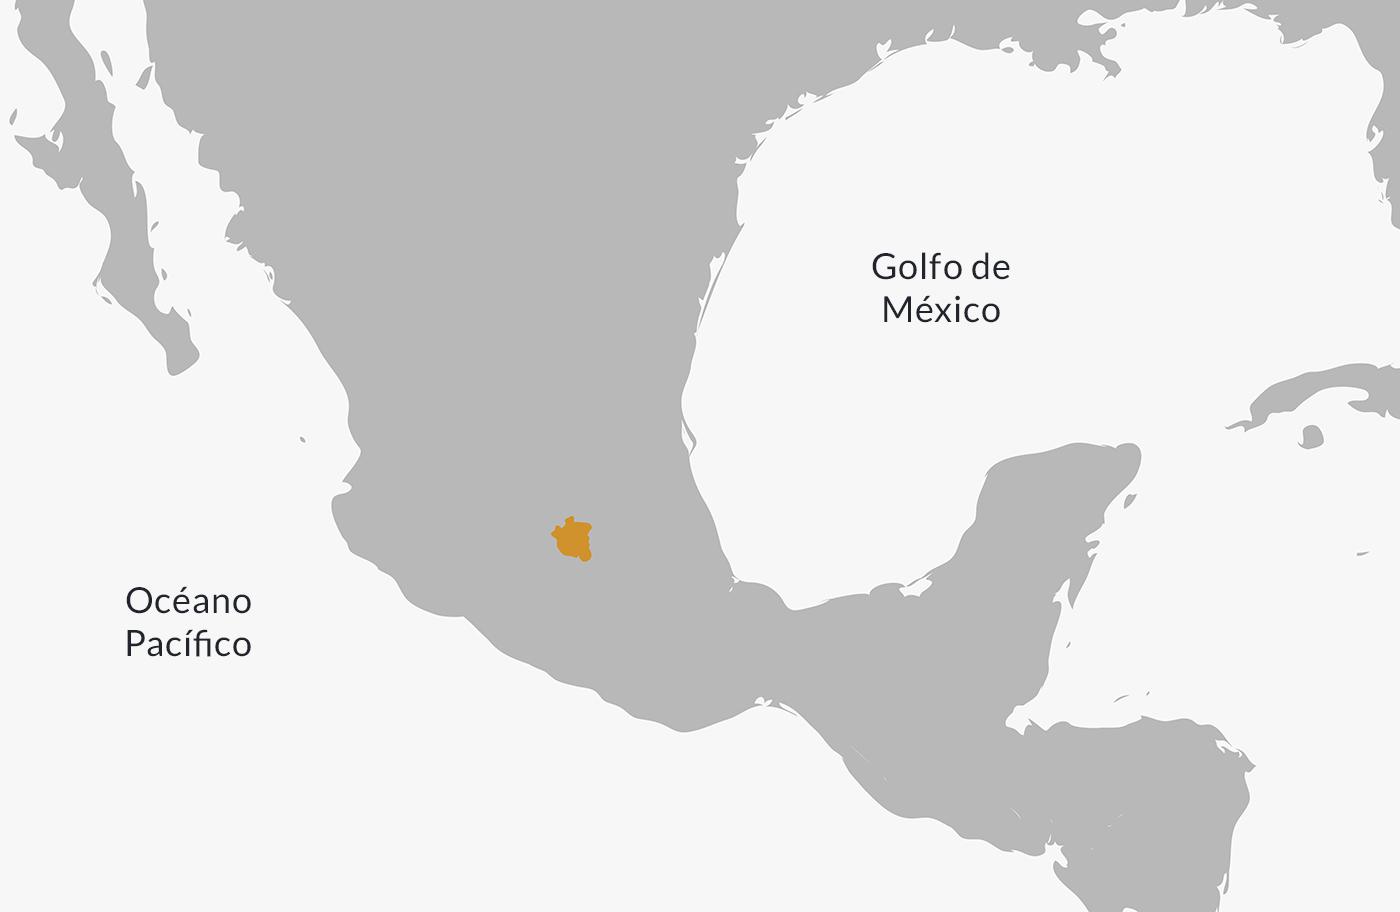 Ubicación en el mapa de la cultura teotihuacan.